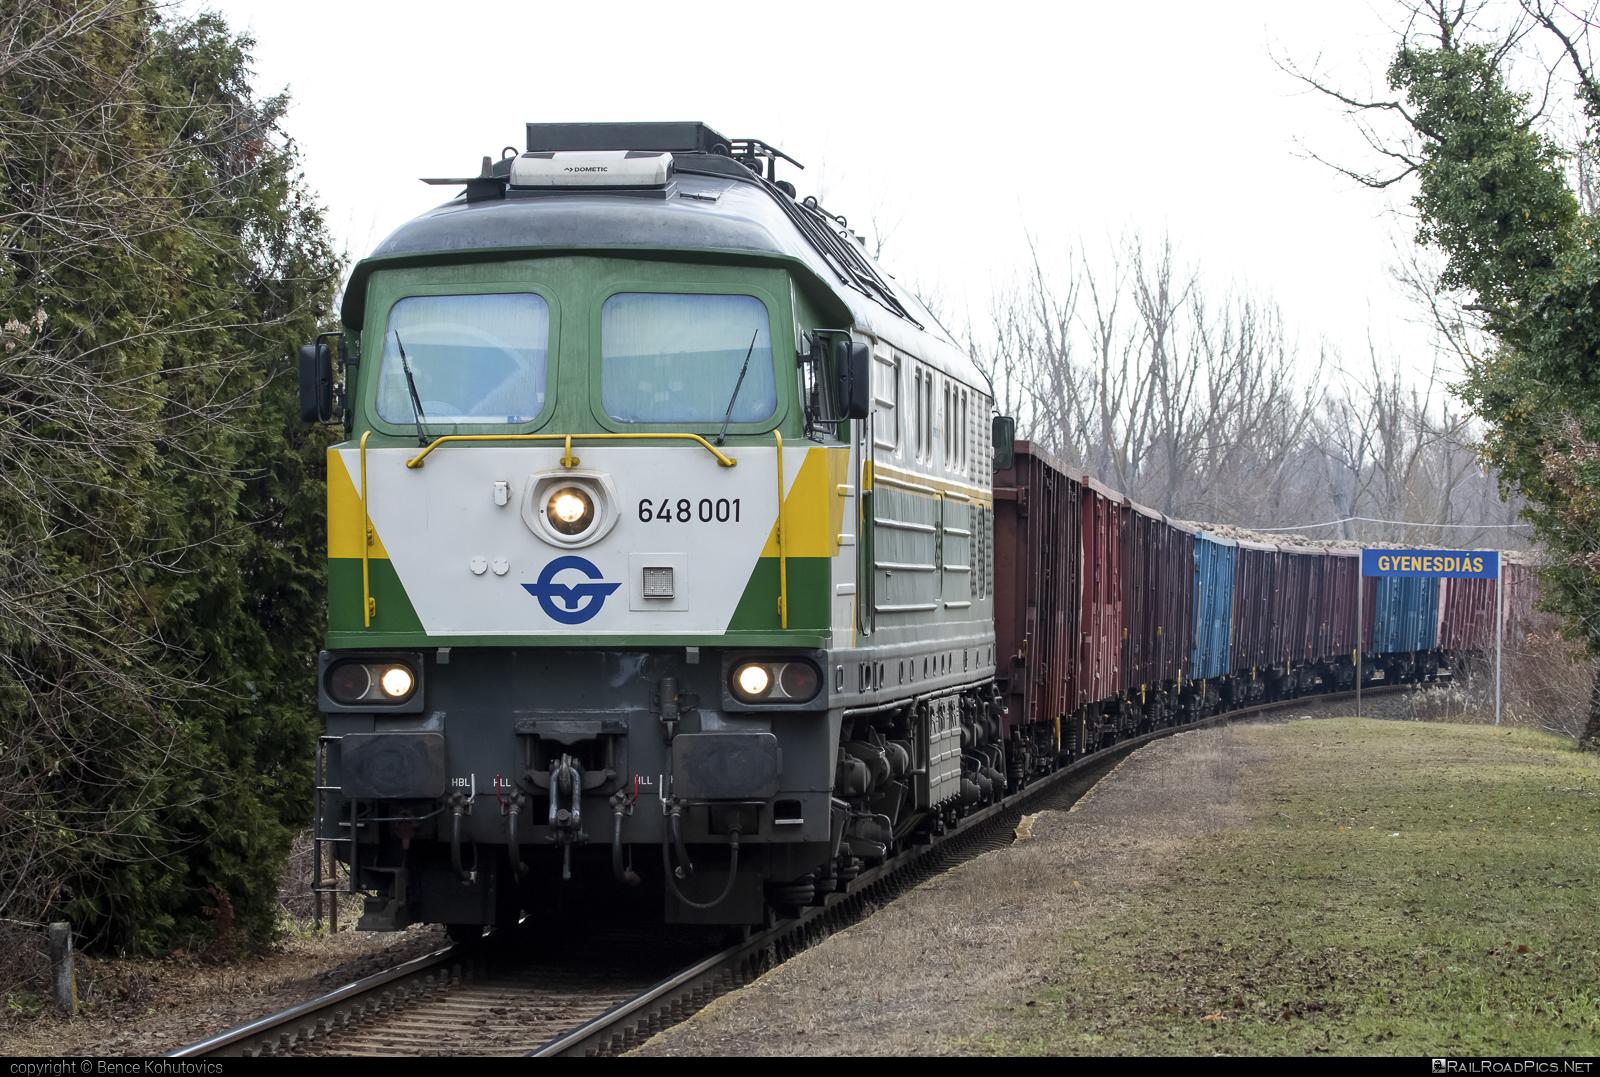 Lugansk TE109 - 648 001 operated by GYSEV Cargo Zrt #db233 #gyorsopronebenfurtivasutreszvenytarsasag #gysev #gysevcargo #ltz #ltzte109 #ludmila #ludmilla #lugansk #luganskte109 #luganskteplovoz #luhansklocomotiveworks #luhanskteplovoz